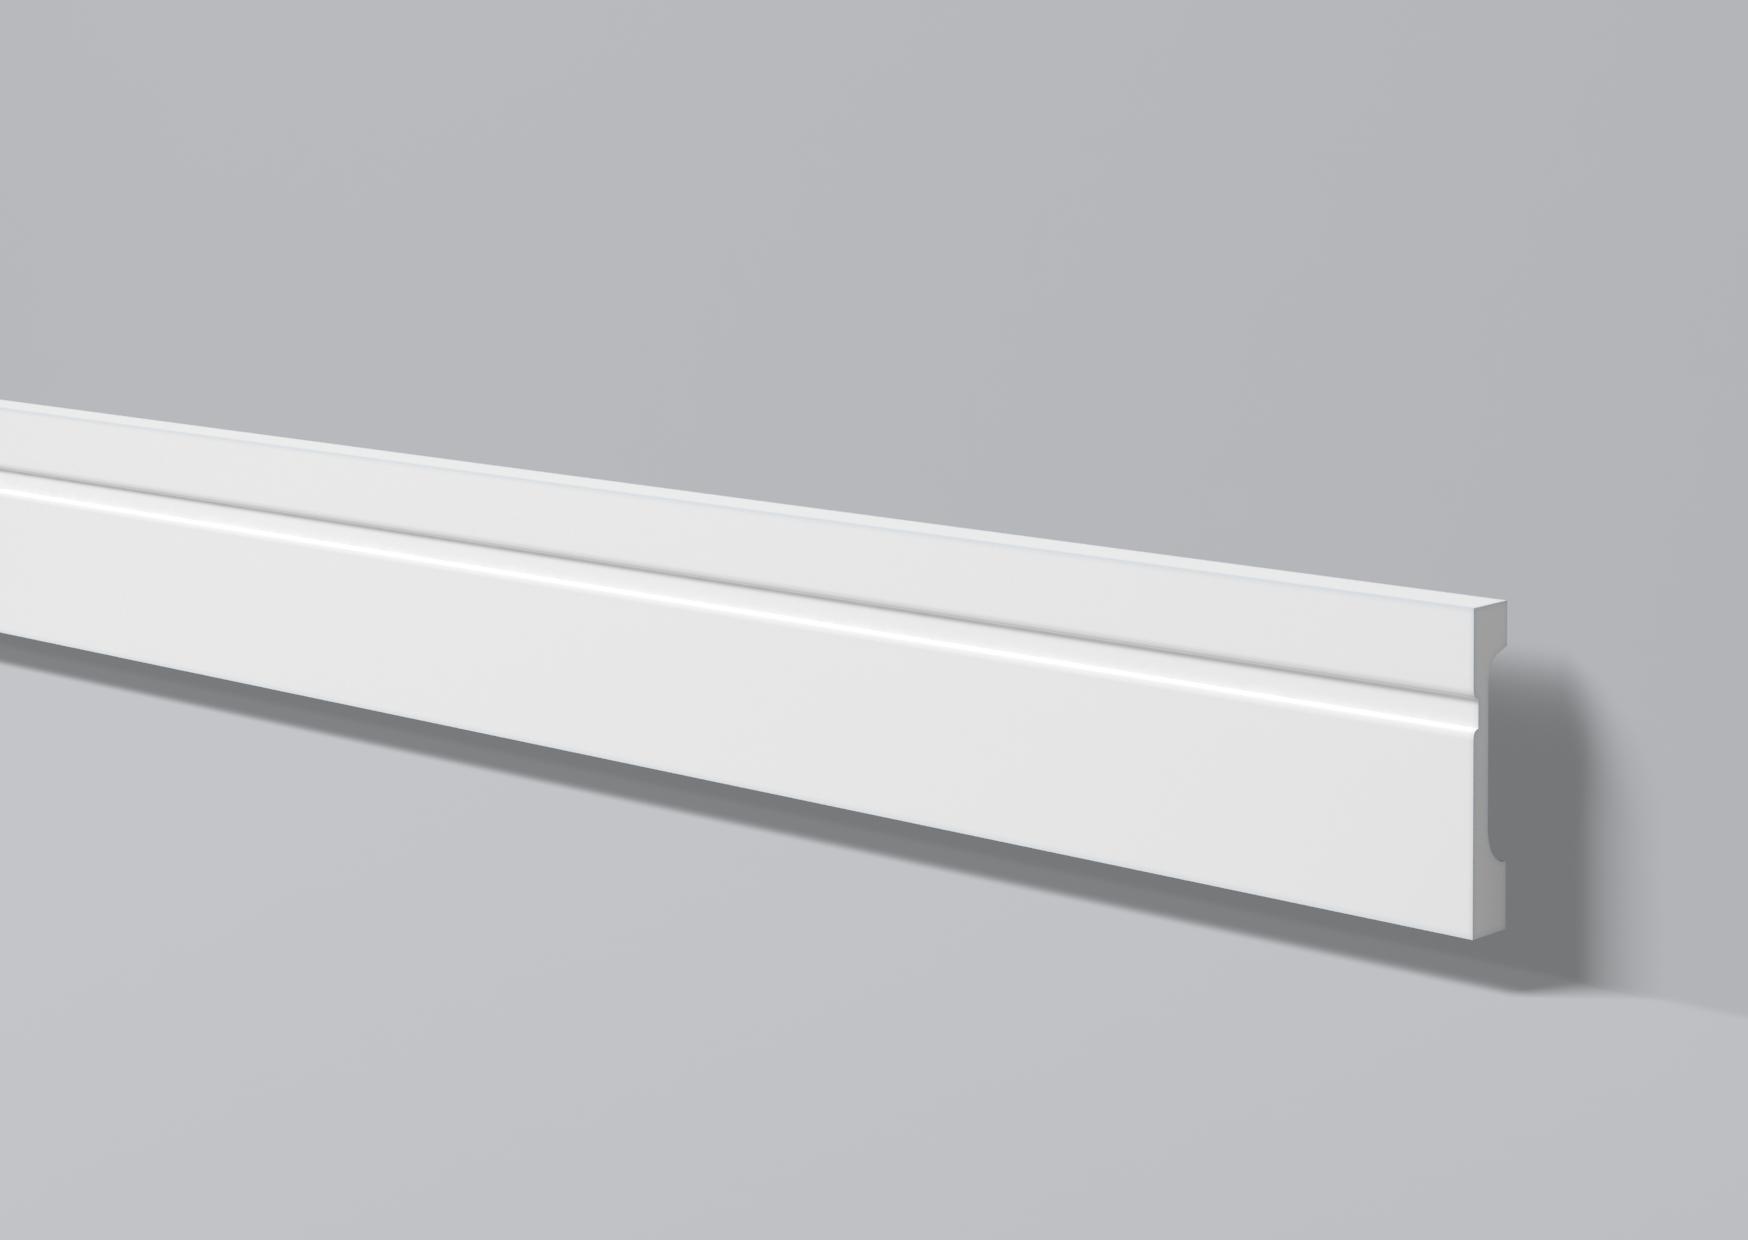 FD11-nmc-moulding-karnize